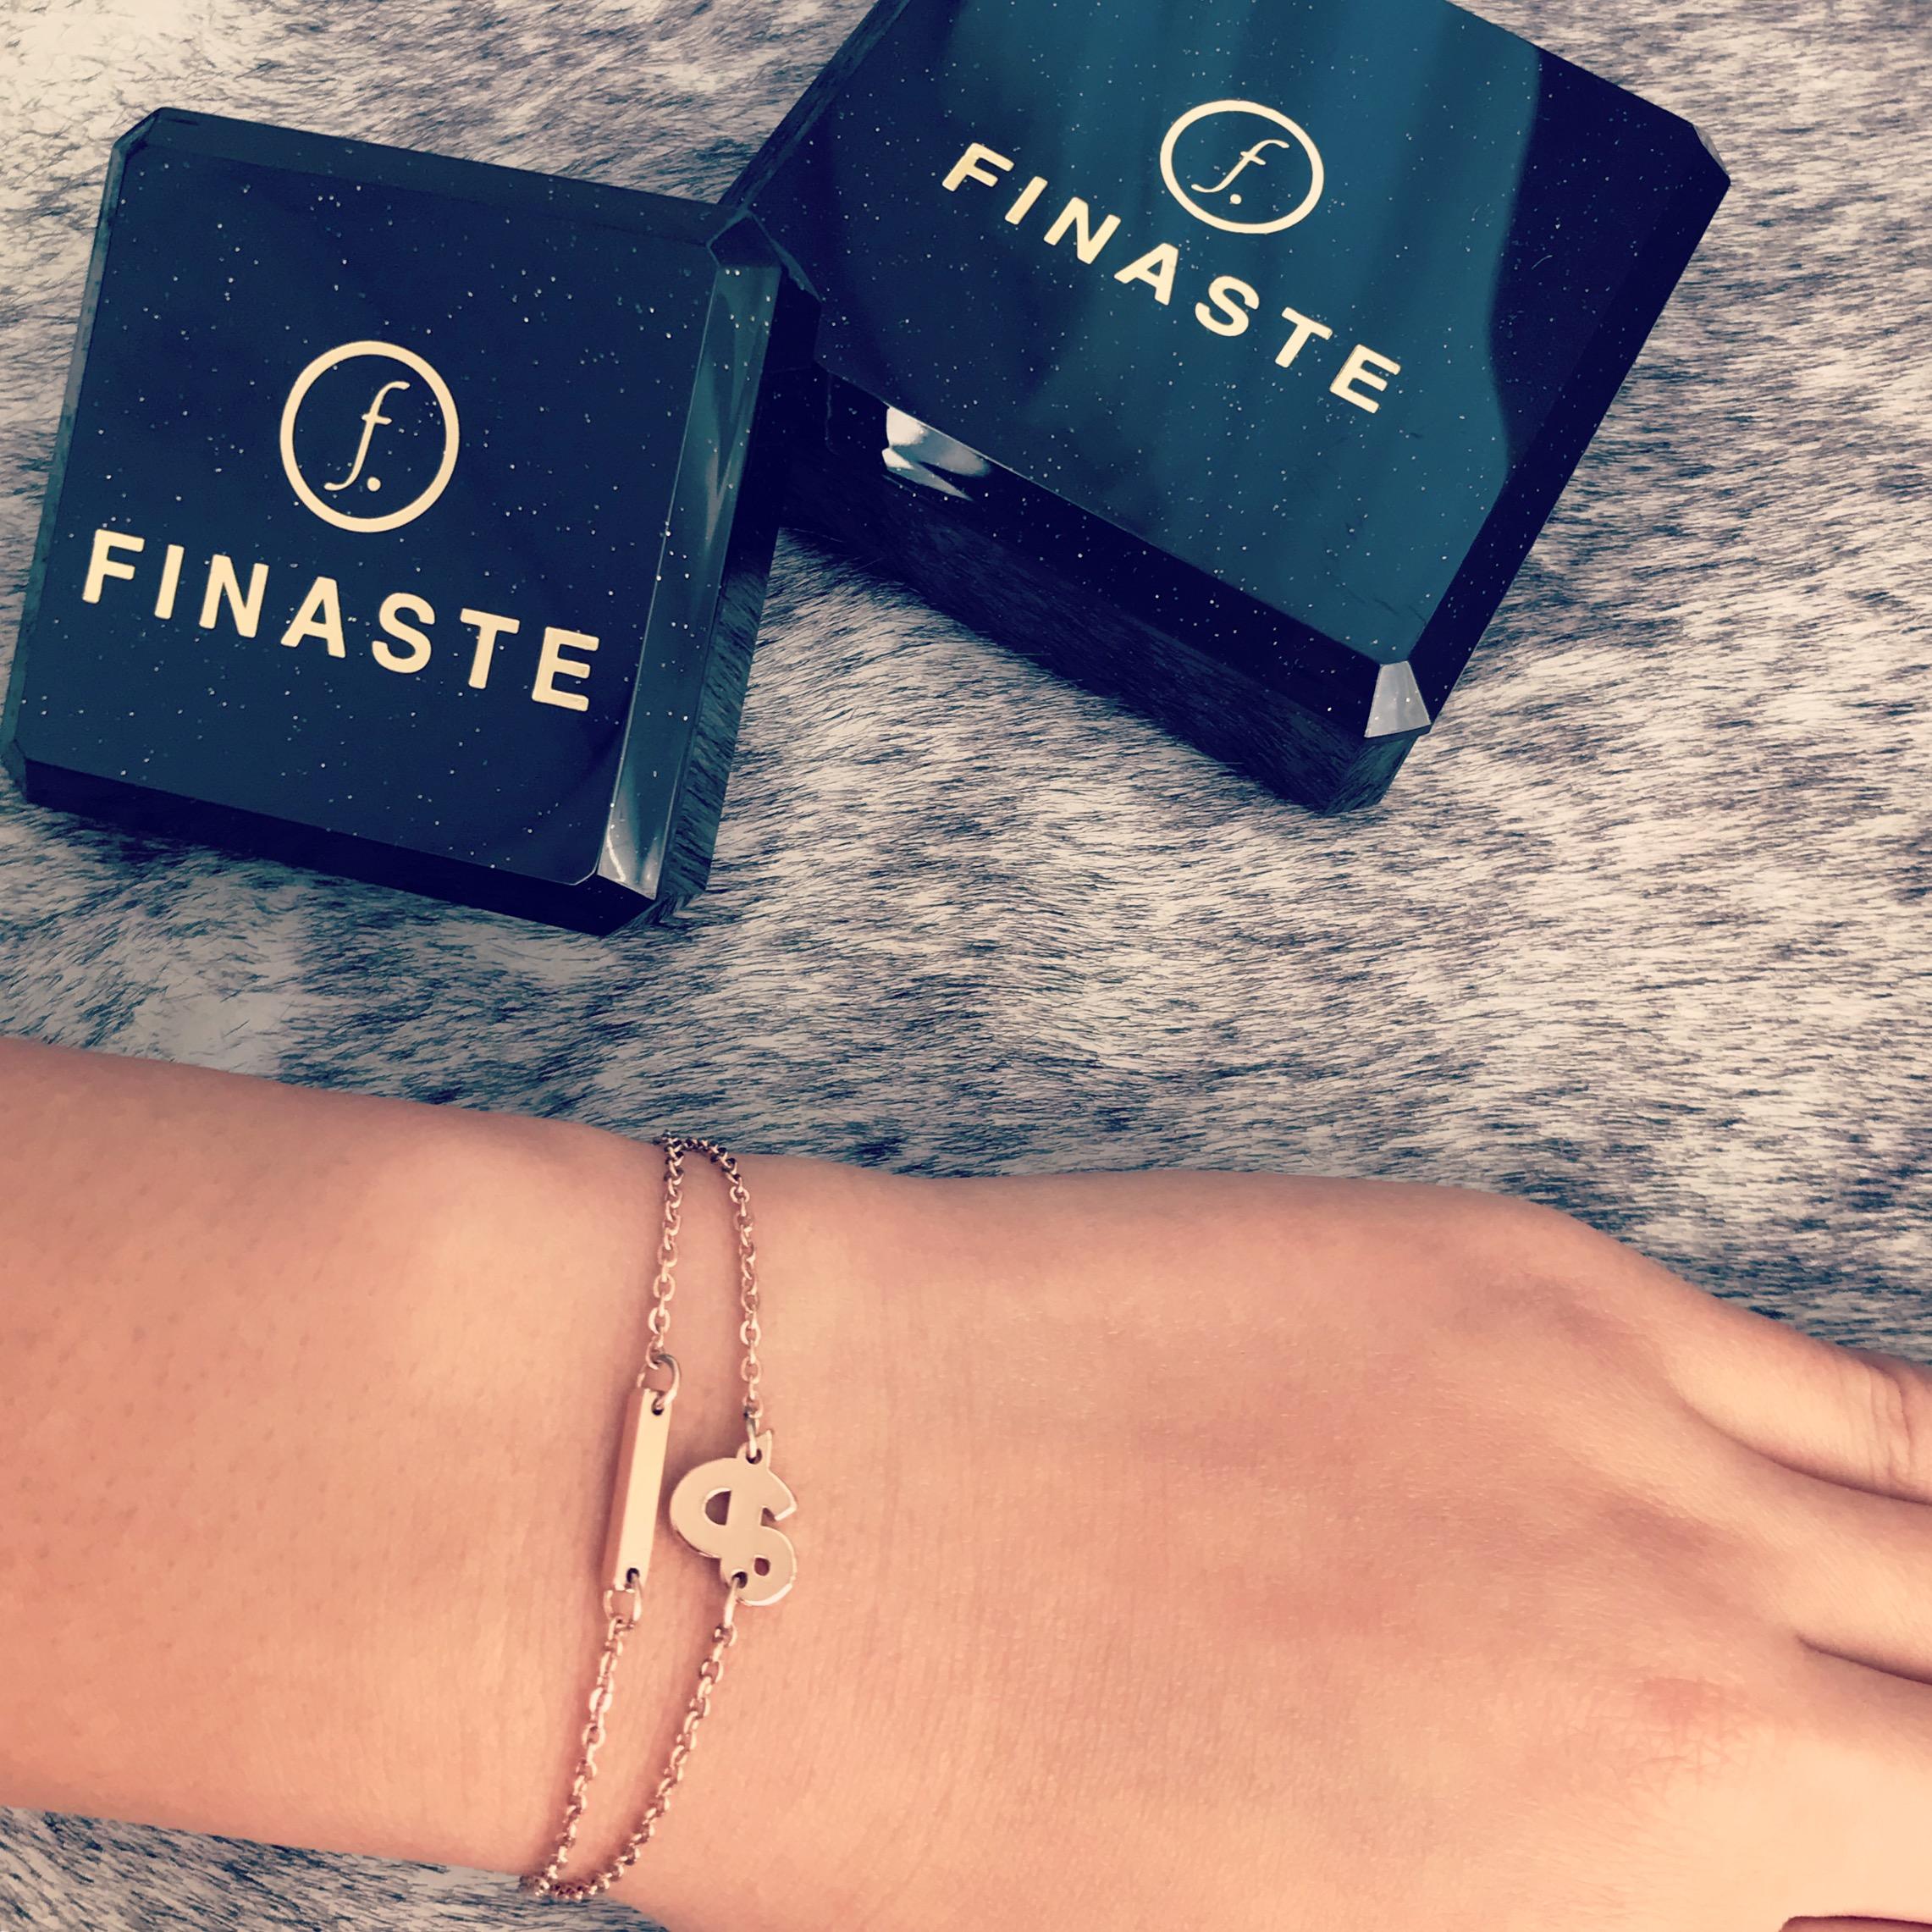 Rose gouden armbandjes met sieradendoosjes van Finaste